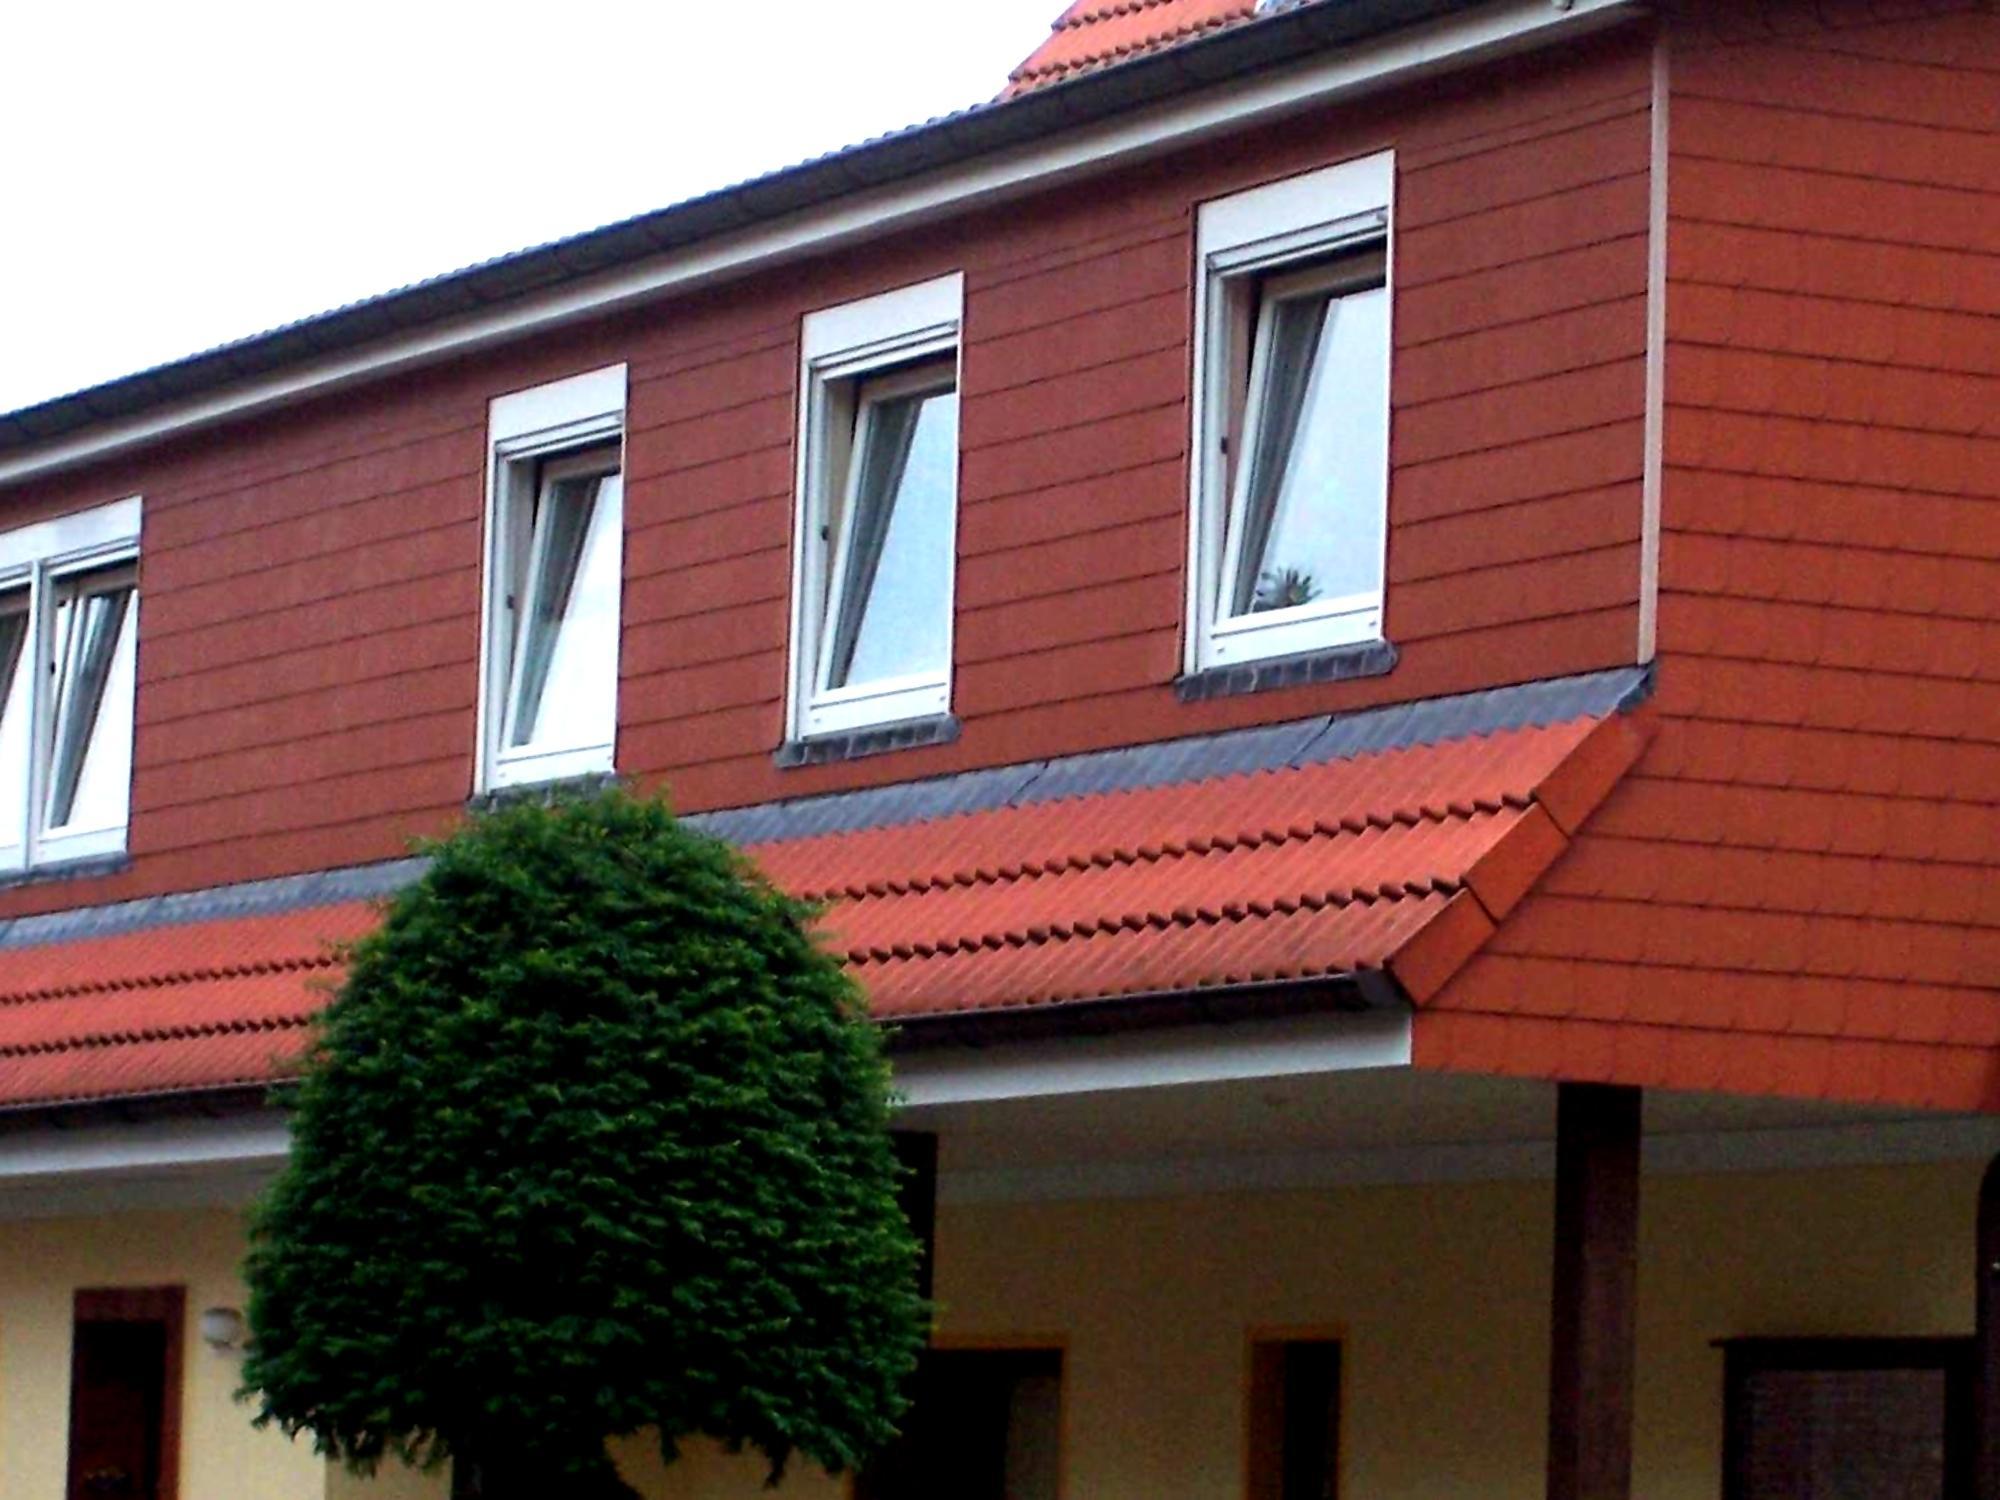 fassade eines reihenhauses mit schindeln in ziegelrot schindeln dachziegel fassadenplatten aus. Black Bedroom Furniture Sets. Home Design Ideas